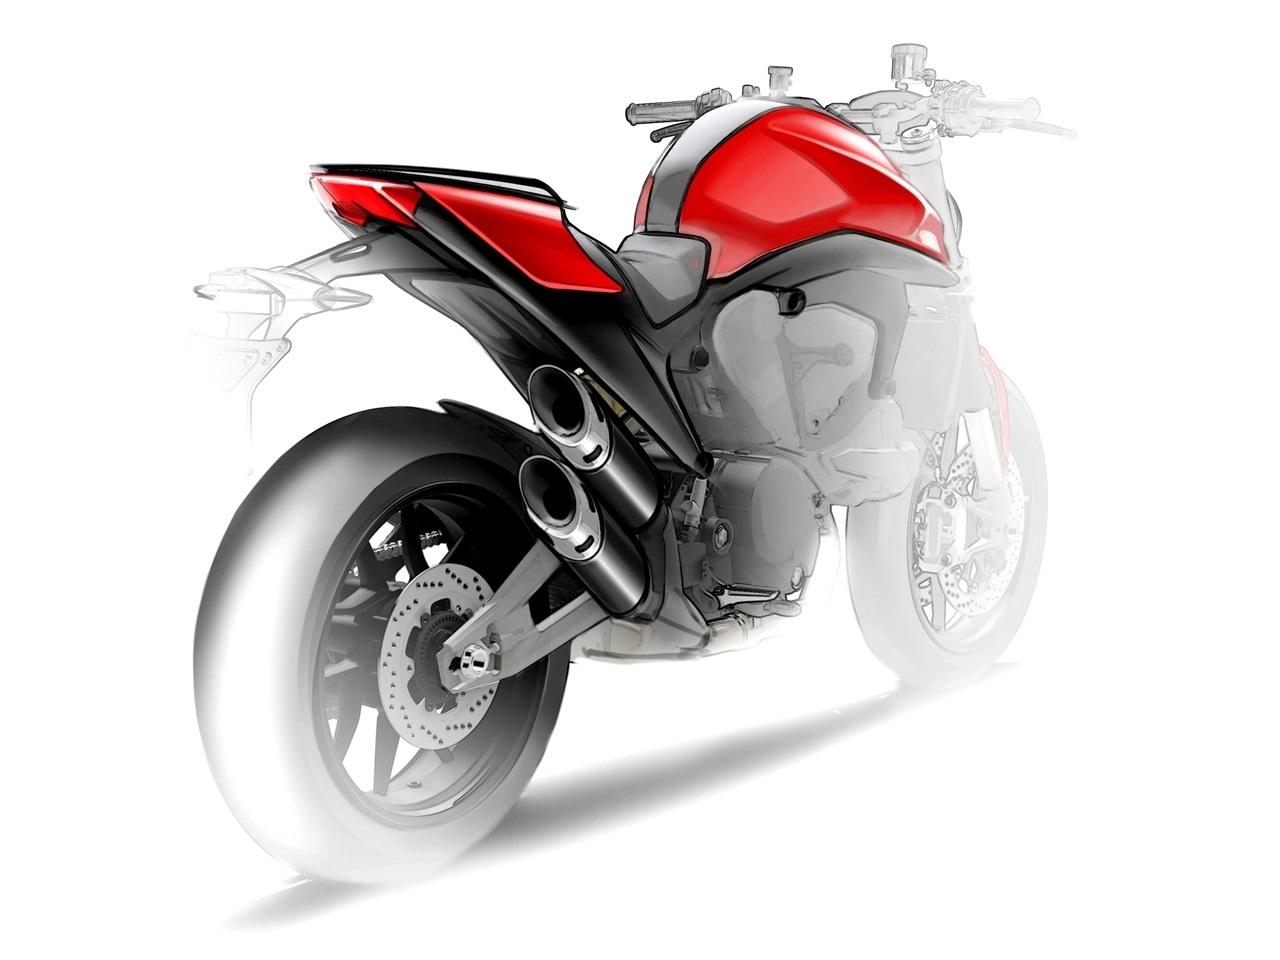 以前から出る気配のあった Ducati のニューマシン  Multistrada & Monster_f0004270_22192596.jpg